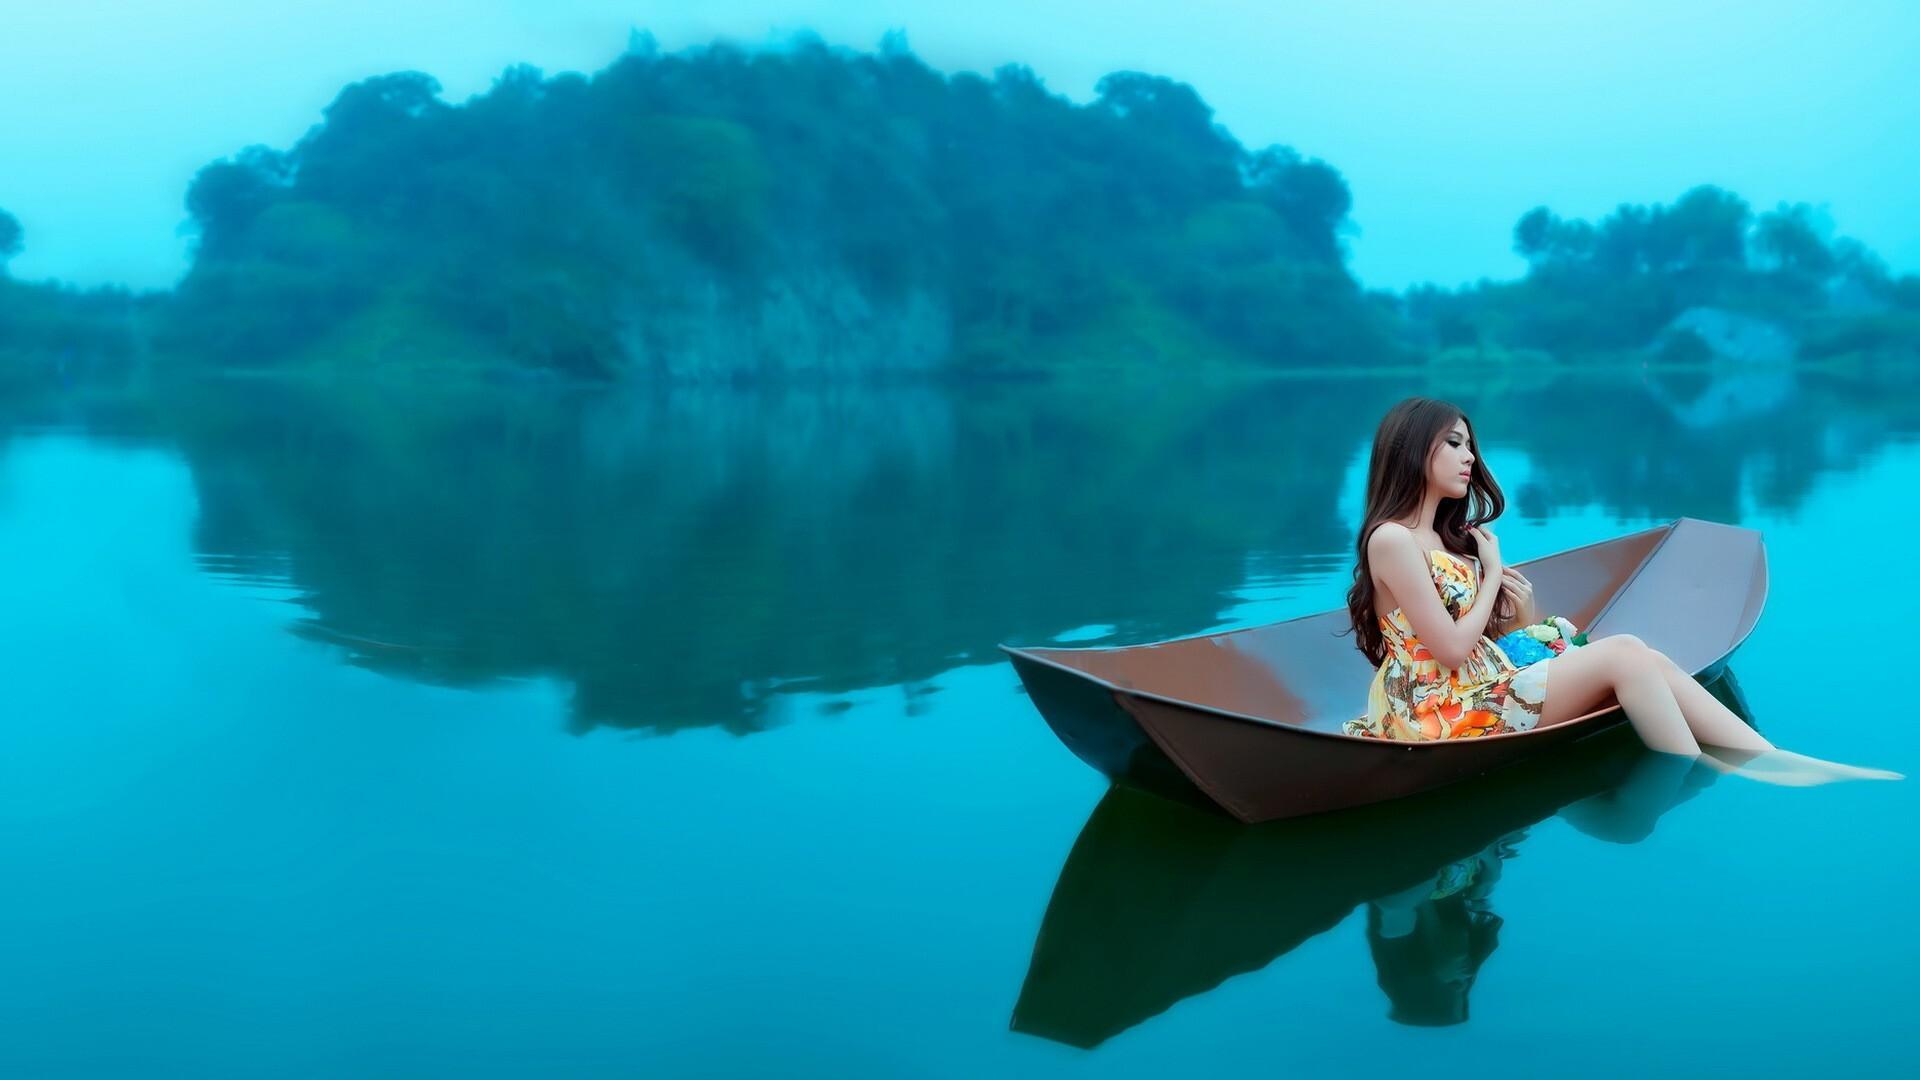 лодка на пляж для человека складывающееся том, что делать